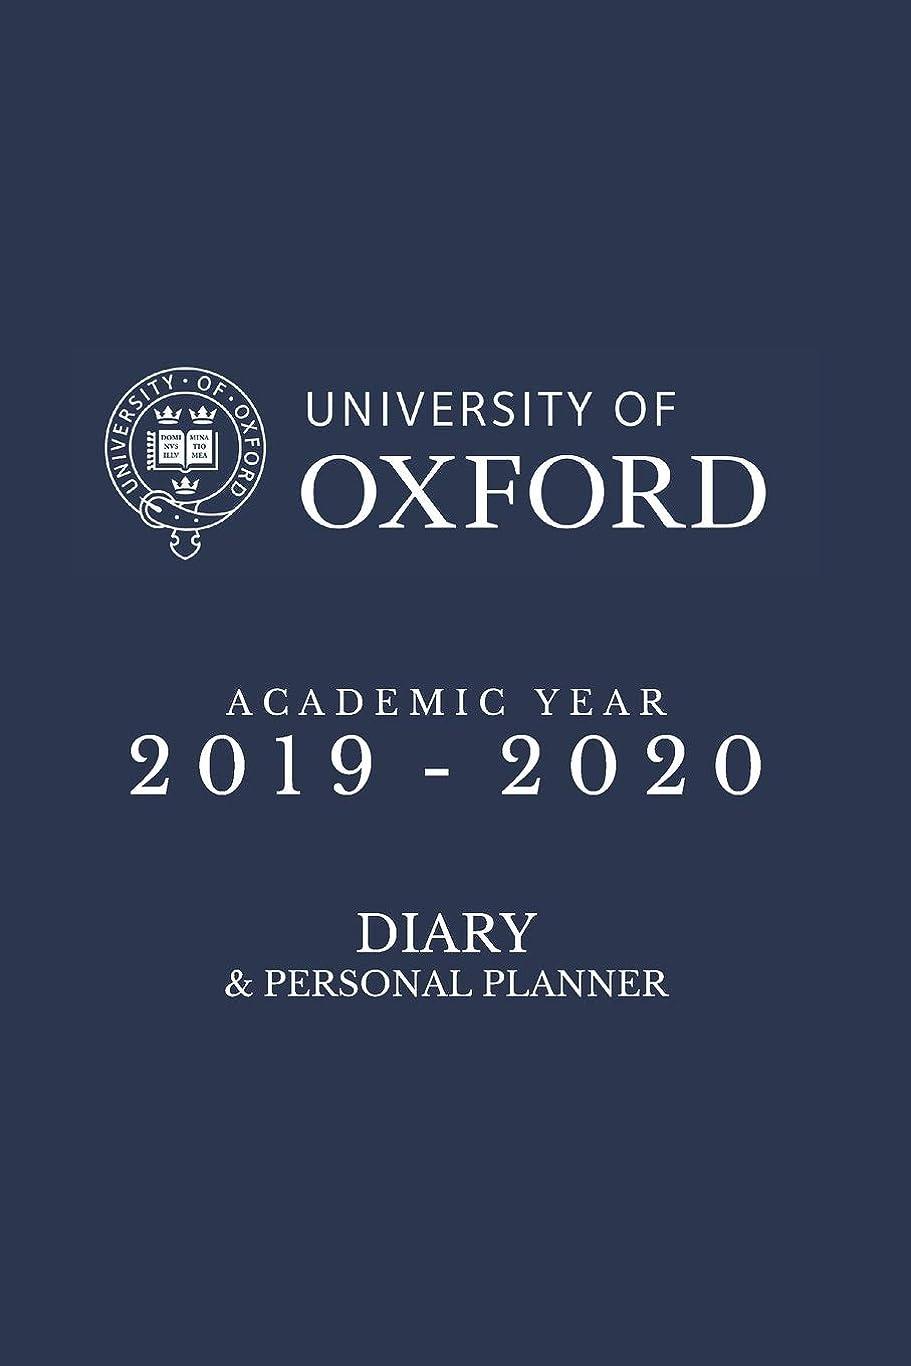 援助するヘロイン賢明なUniversity of Oxford Diary Academic Year 2019: Oxford Diary and Personal Planner with month and day views of Academic Years from Sept 2019 to Aug 2020